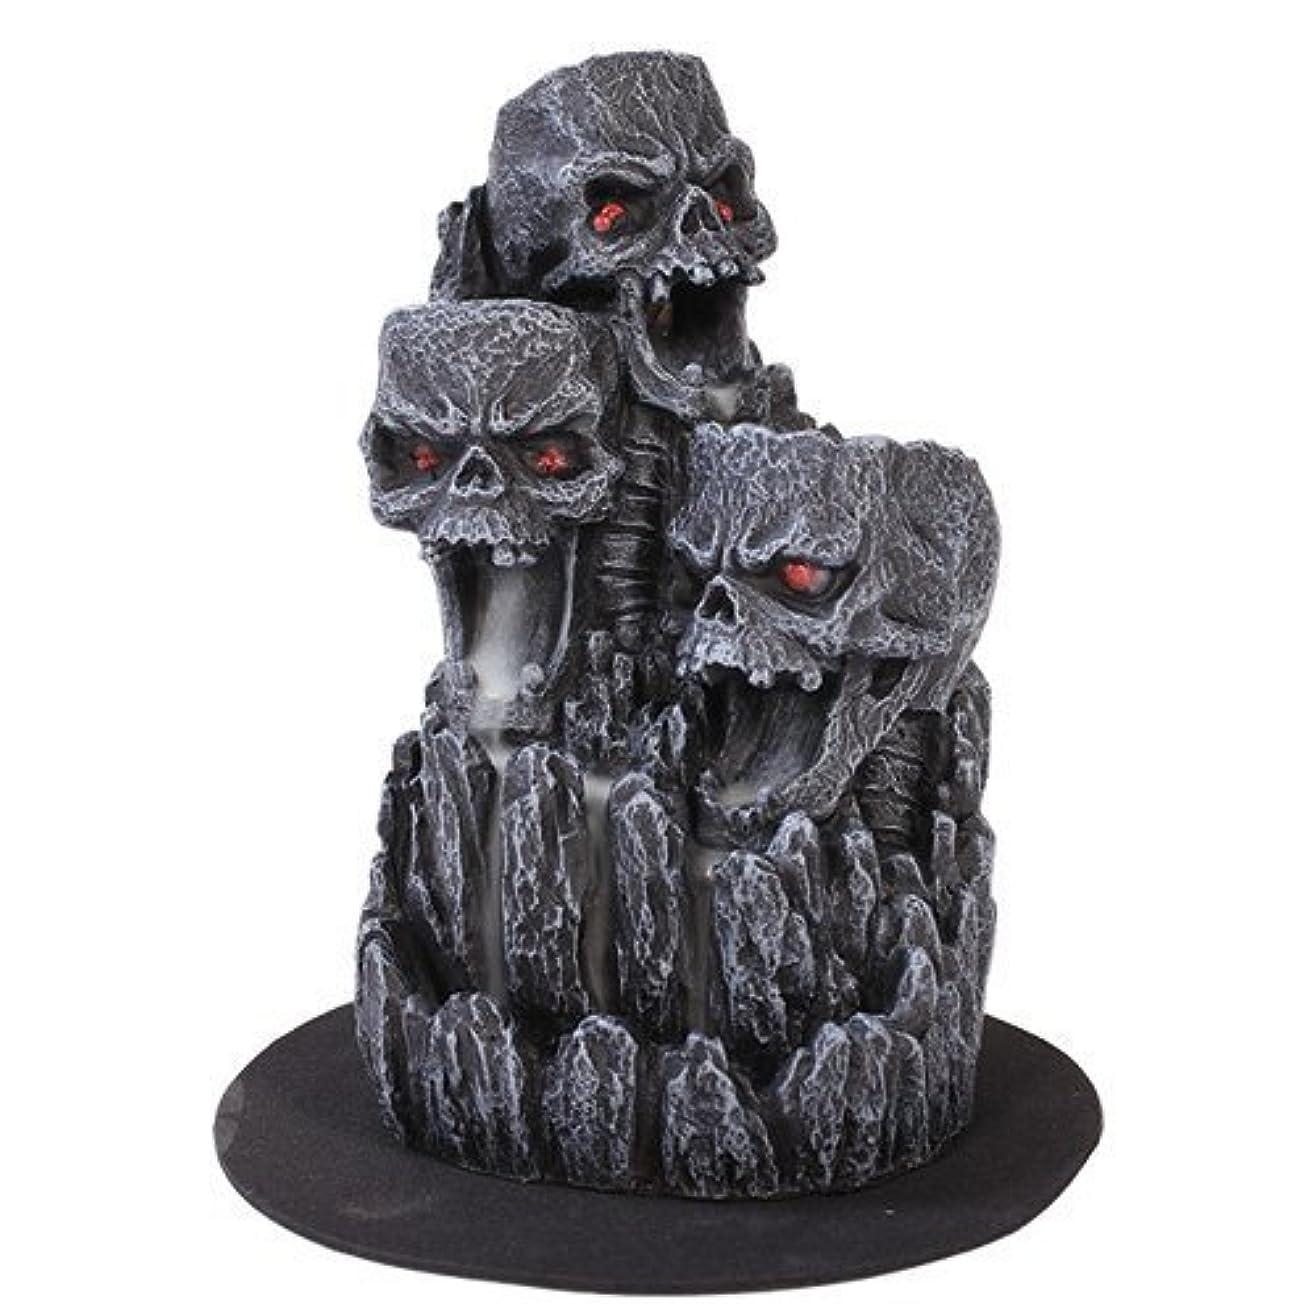 麻痺させる短命有限ゴシックスカル(お香立て)マウンテンタワー オブジェ Gothic Skull Backflow Incense Tower